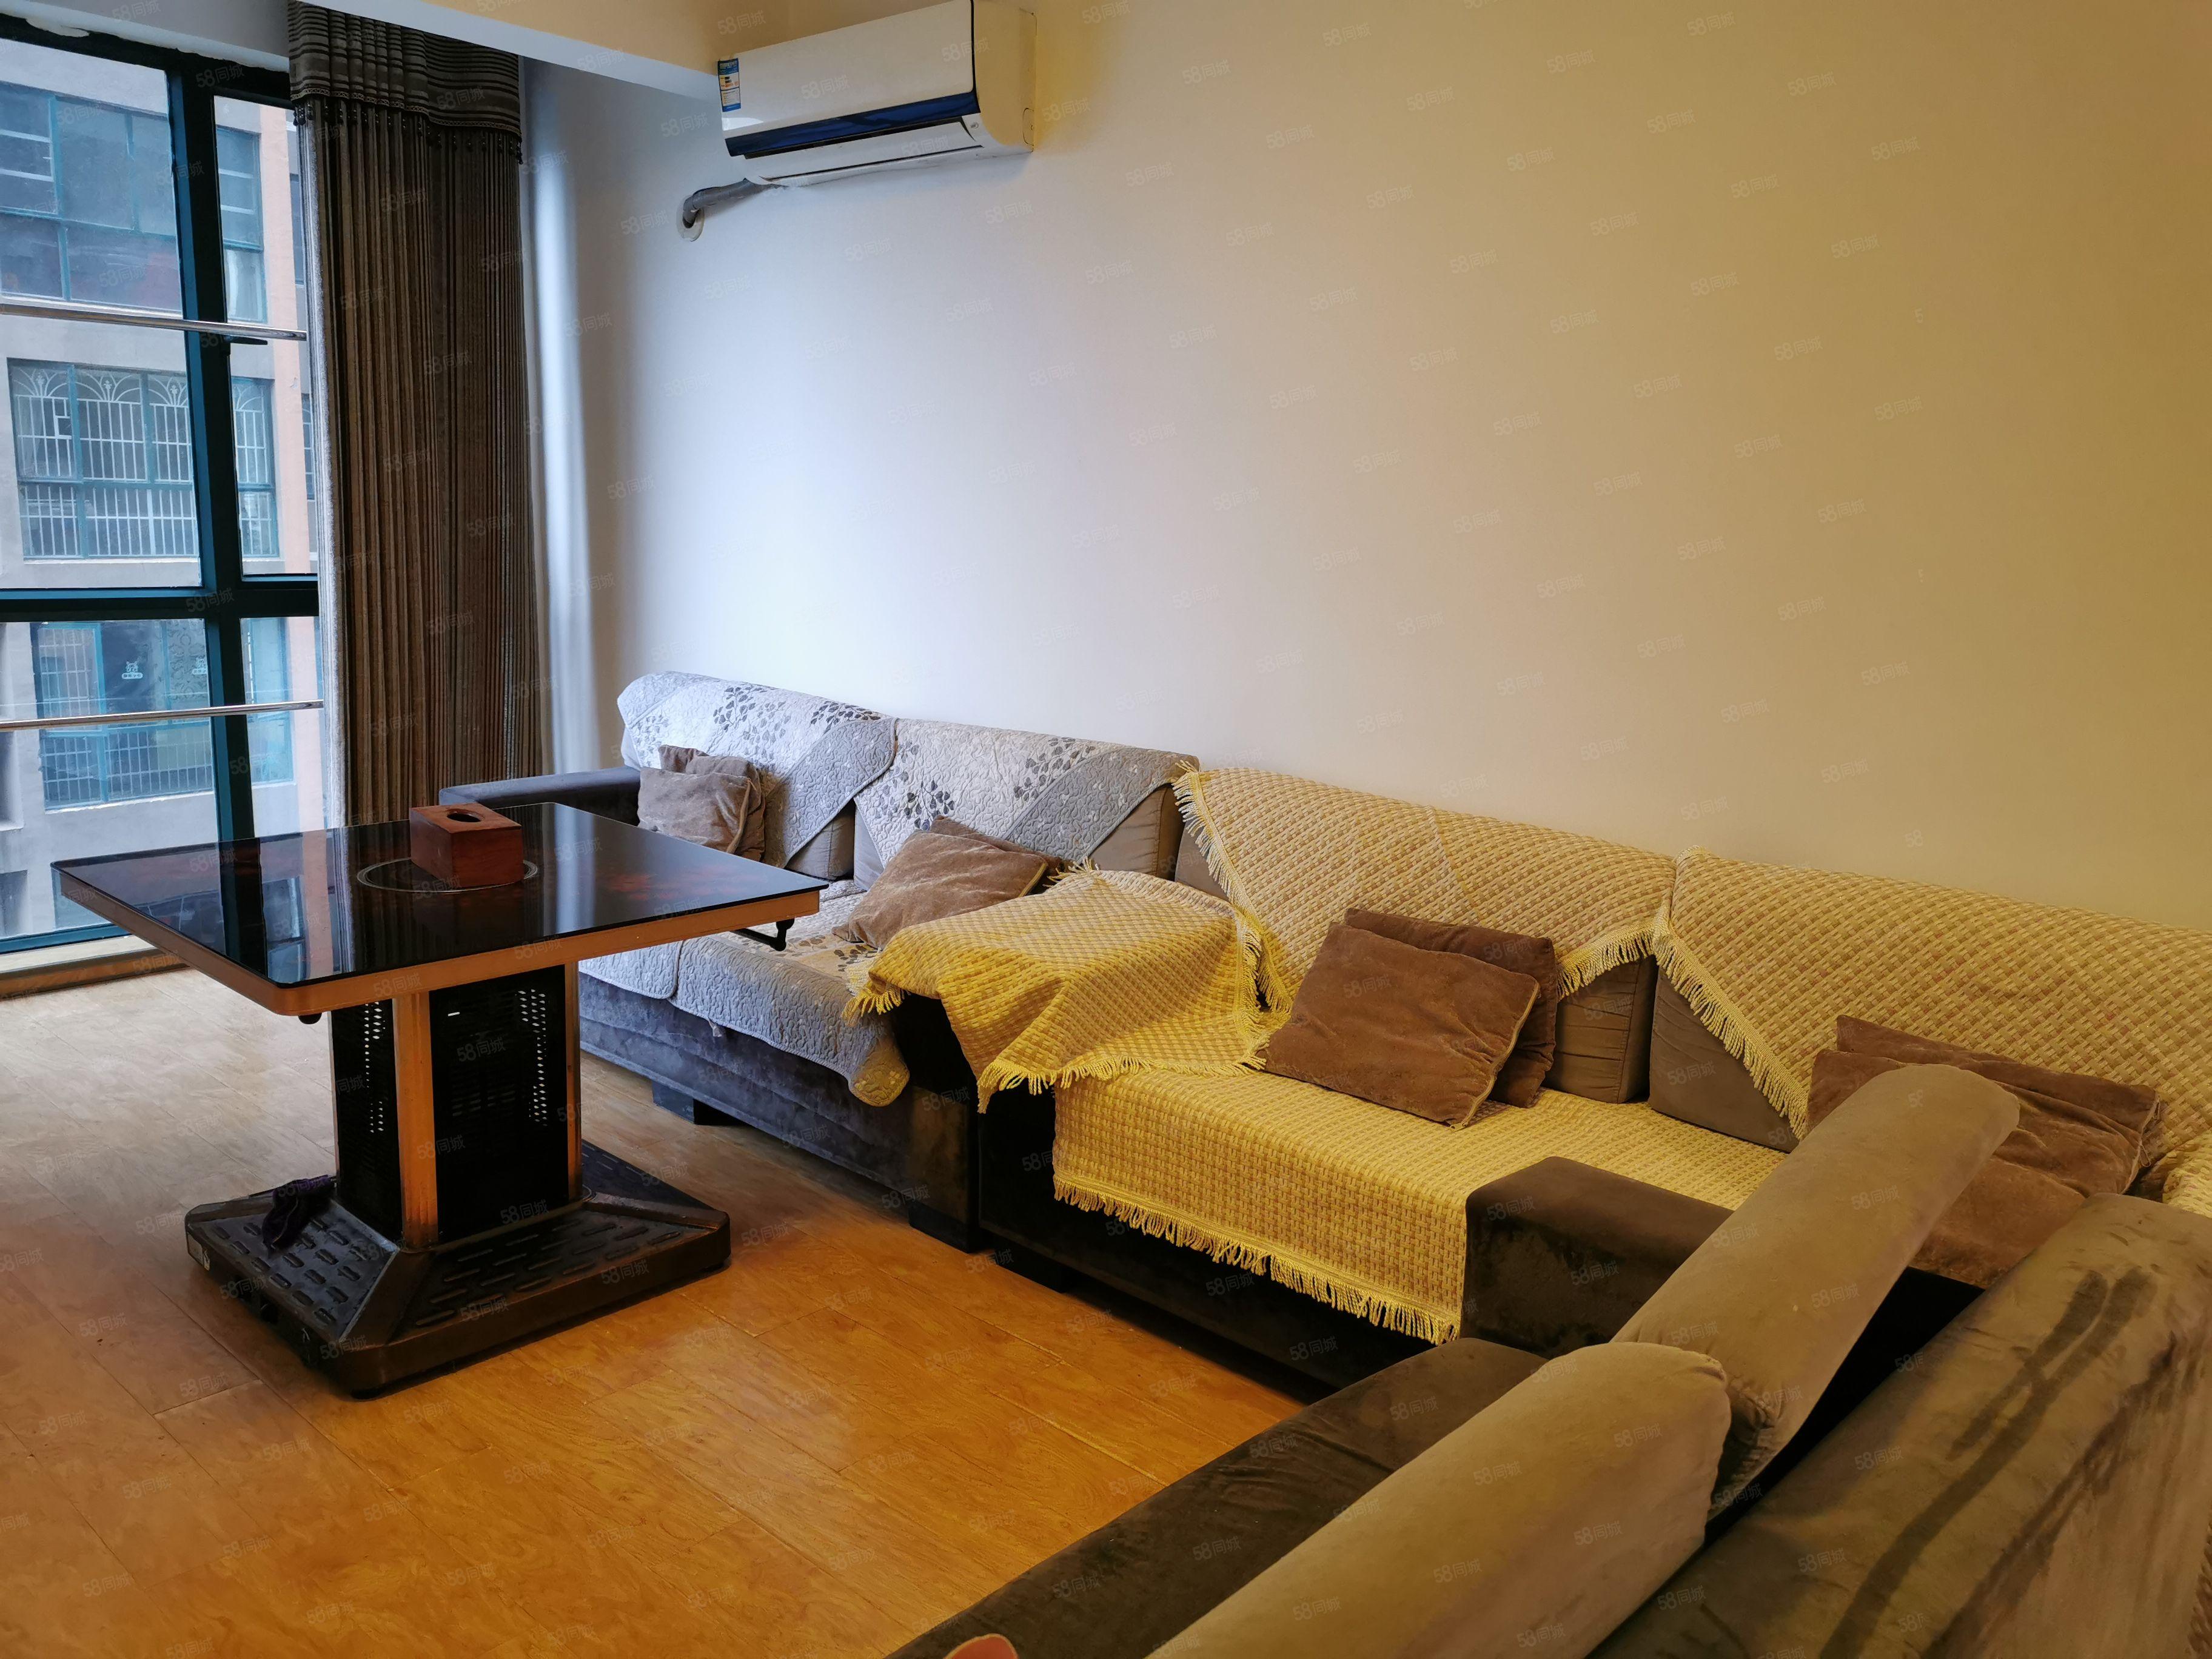 市?#34892;?#23398;期房,西街乐购城精装2室新房,带家具关门卖,低税